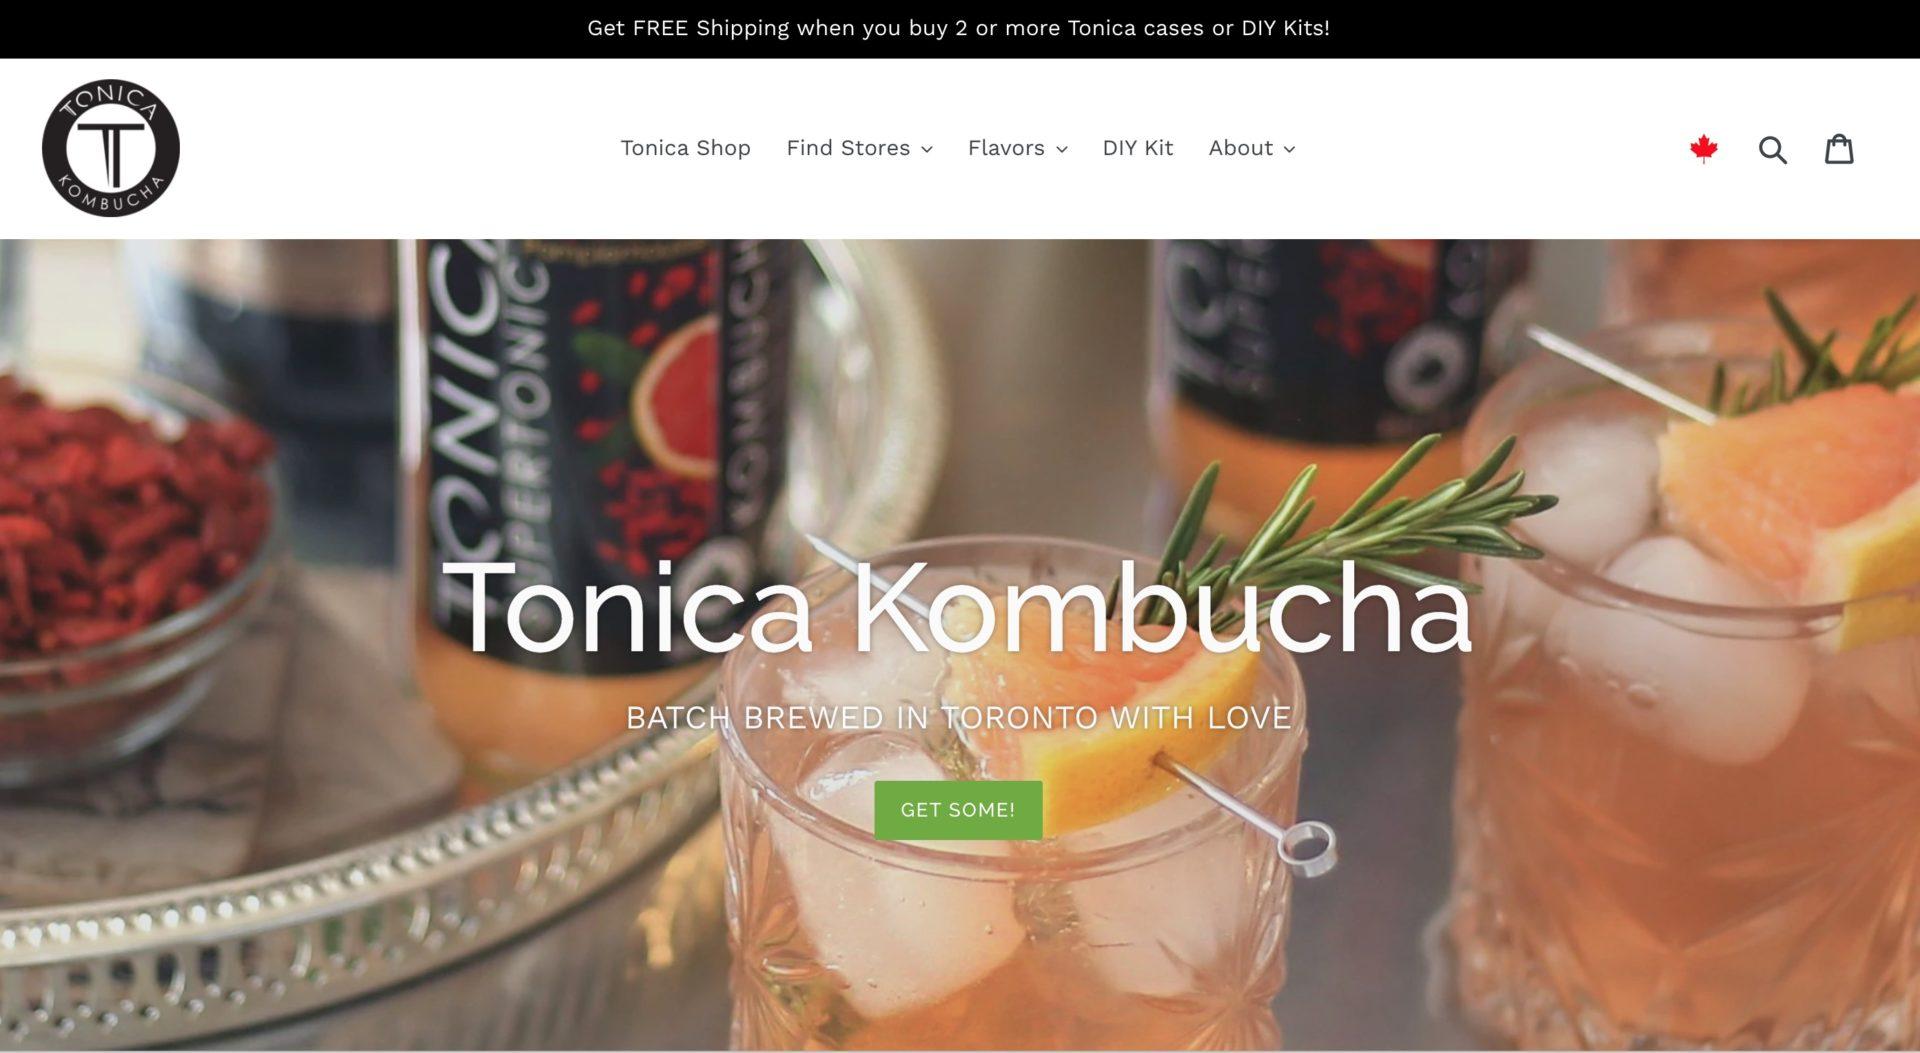 Tonica Home